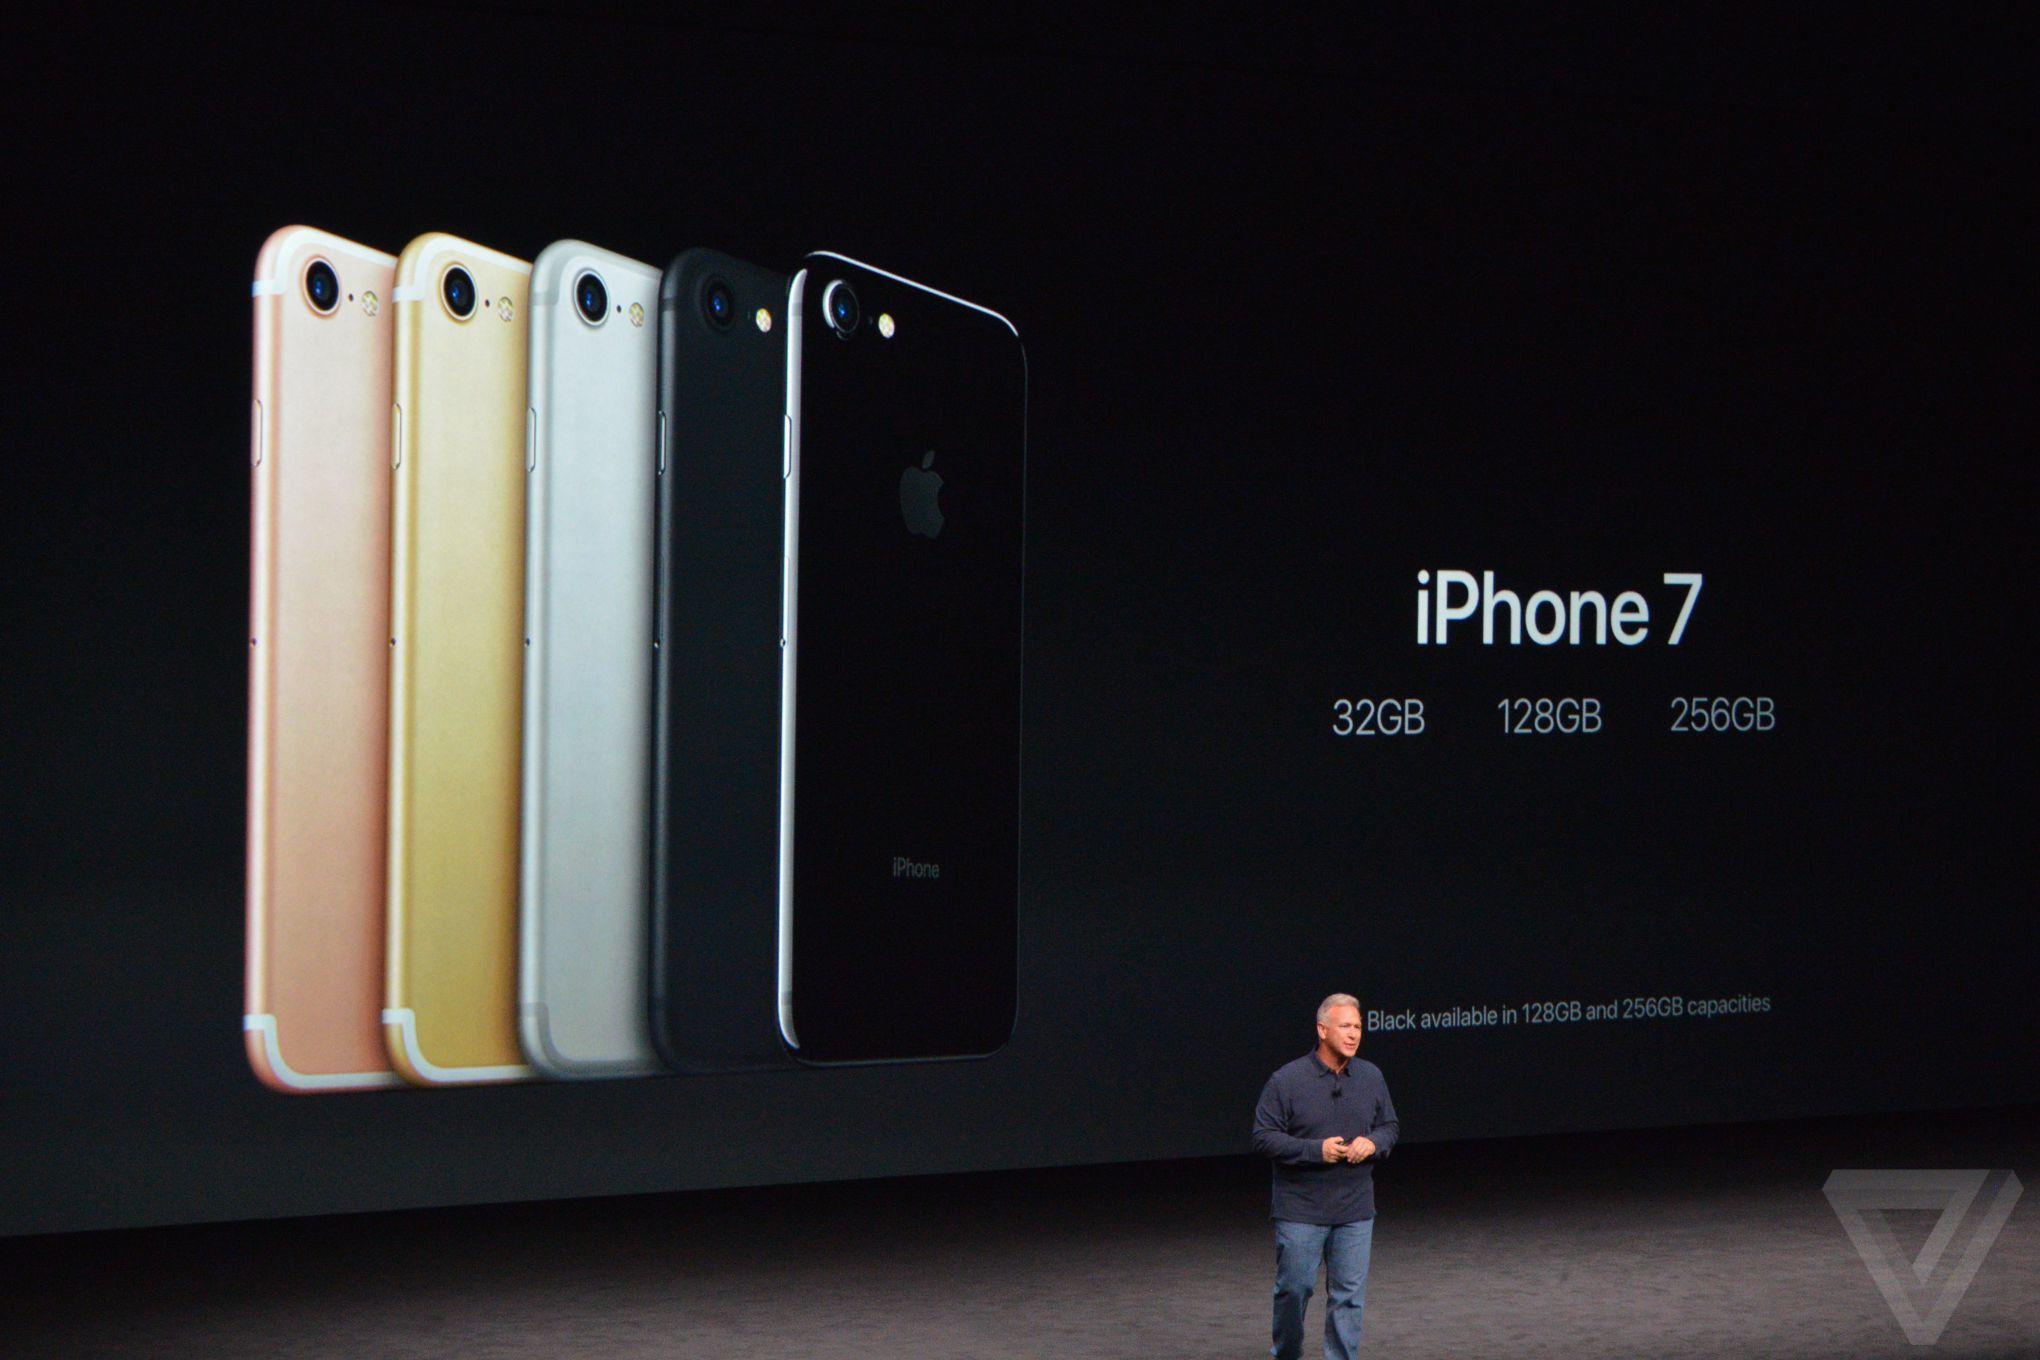 Giá bán dự kiến chi tiết của iPhone 7, 7 Plus chính hãng tại Việt Nam